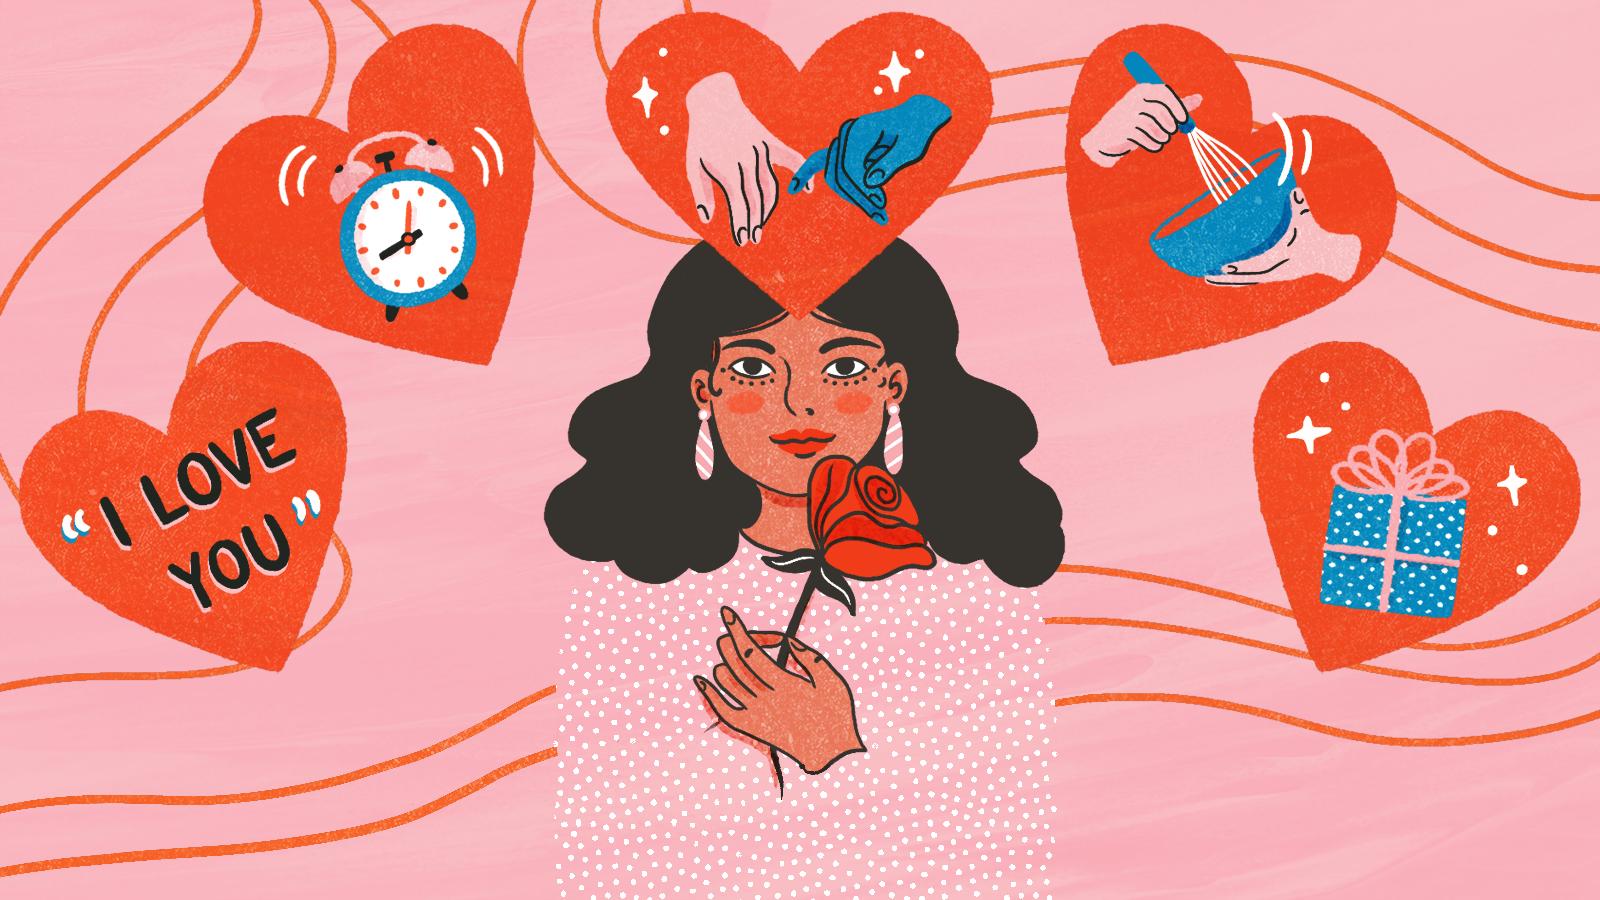 Οι πέντε γλώσσες της αγάπης: Το μυστικό για μια αγάπη που διαρκεί